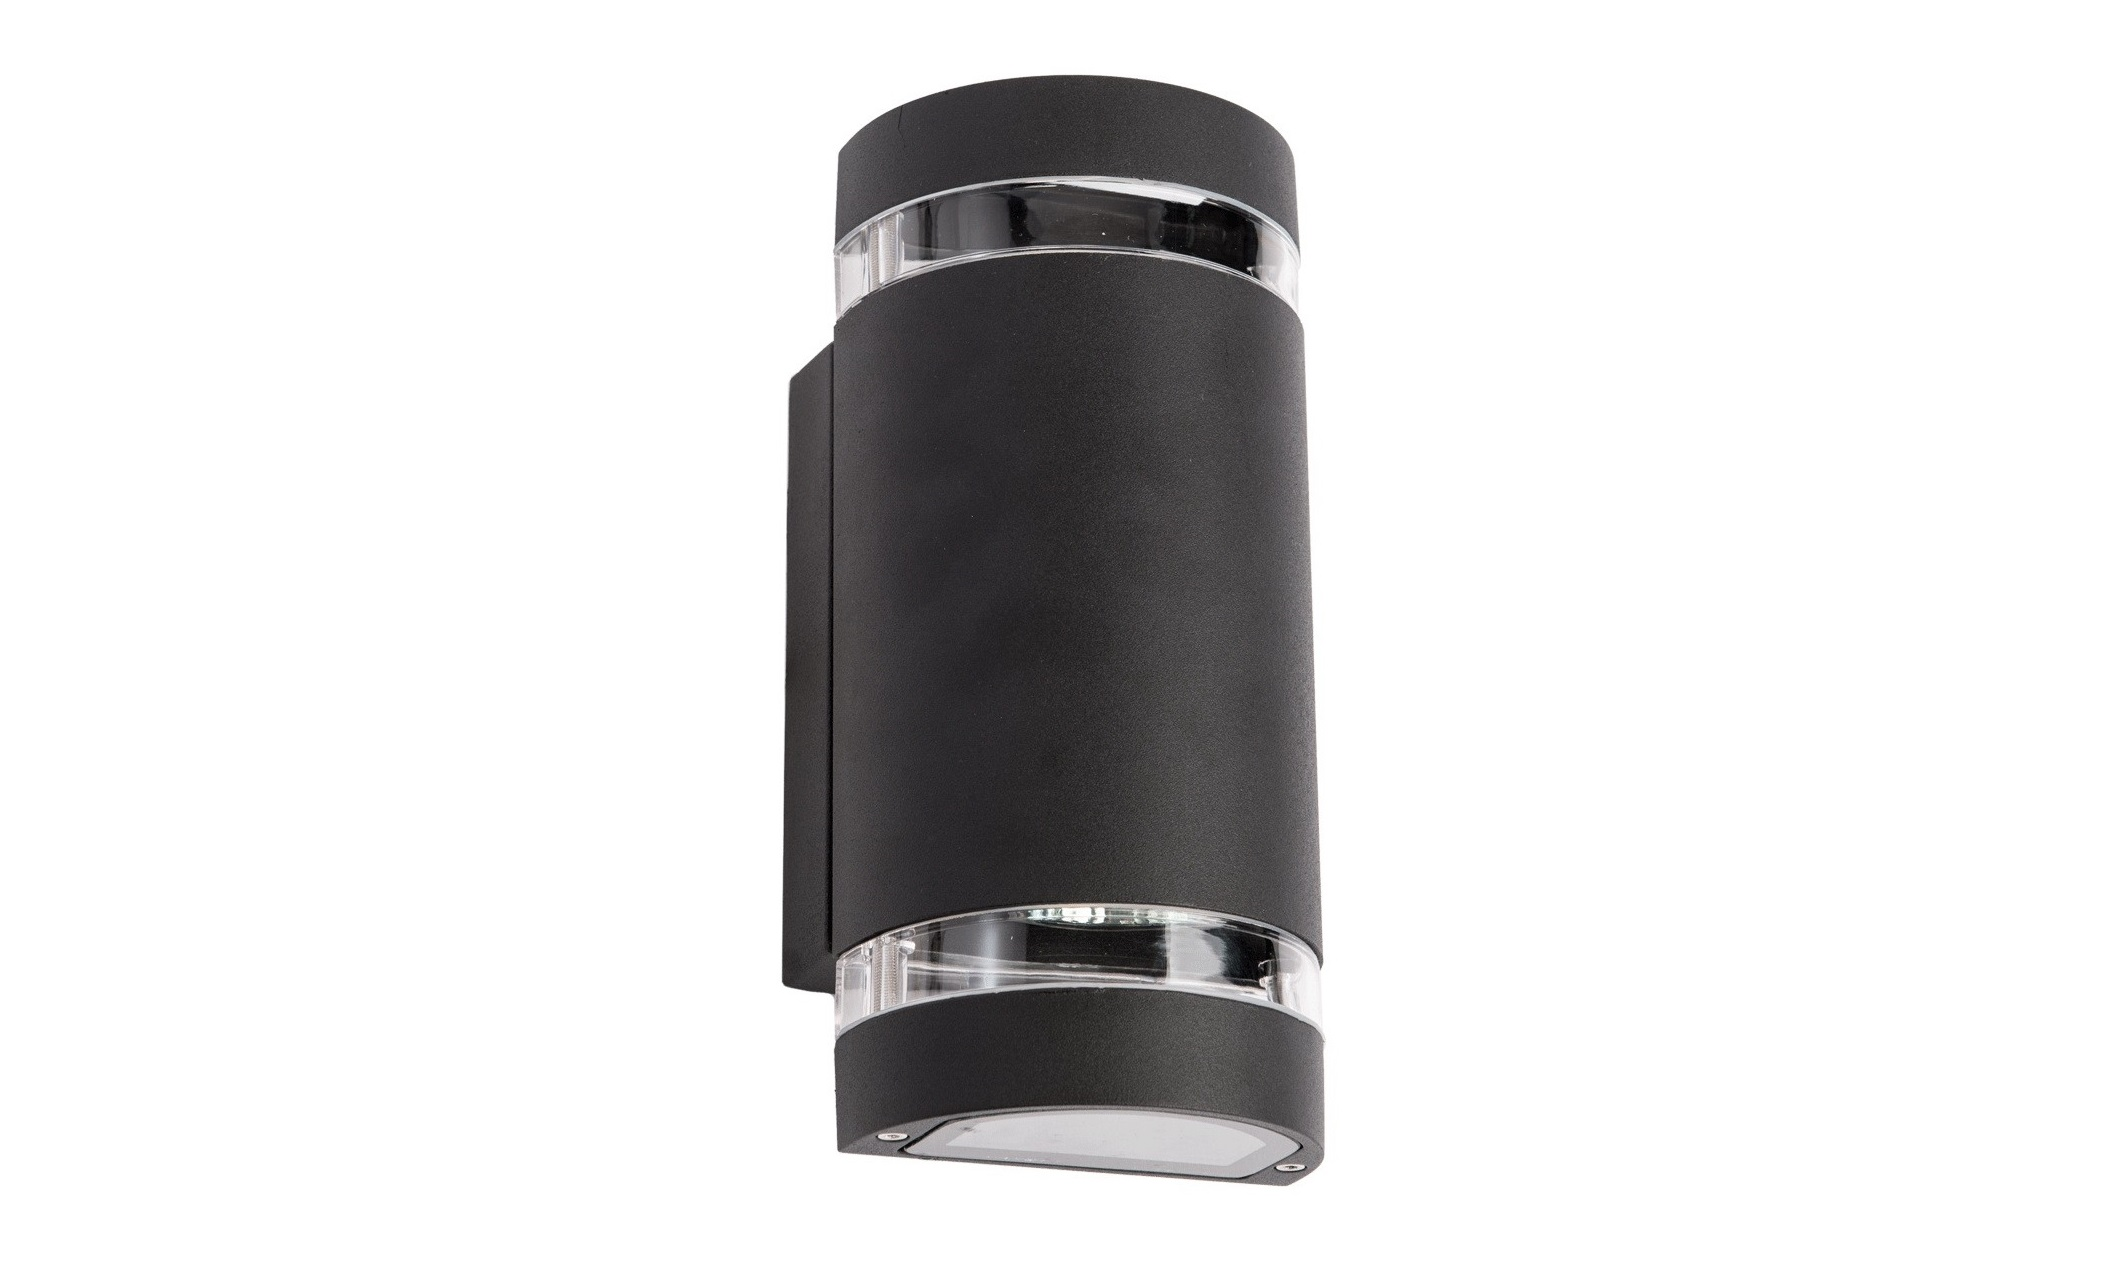 Уличный светильник МеркурийУличные настенные светильники<br>&amp;lt;div&amp;gt;Металлическое основание черного цвета, акрил.&amp;lt;/div&amp;gt;&amp;lt;div&amp;gt;&amp;lt;br&amp;gt;&amp;lt;/div&amp;gt;&amp;lt;div&amp;gt;Мощность 2*35W&amp;lt;/div&amp;gt;&amp;lt;div&amp;gt;Цоколь GU10&amp;lt;/div&amp;gt;&amp;lt;div&amp;gt;Рабочее напряжение 220 V&amp;amp;nbsp;&amp;lt;/div&amp;gt;&amp;lt;div&amp;gt;&amp;lt;p class=&amp;quot;MsoNormal&amp;quot;&amp;gt;Степень защиты светильников от пыли и влаги IP 44&amp;lt;o:p&amp;gt;&amp;lt;/o:p&amp;gt;&amp;lt;/p&amp;gt;&amp;lt;/div&amp;gt;<br><br>Material: Металл<br>Length см: None<br>Width см: 11<br>Depth см: 11<br>Height см: 23